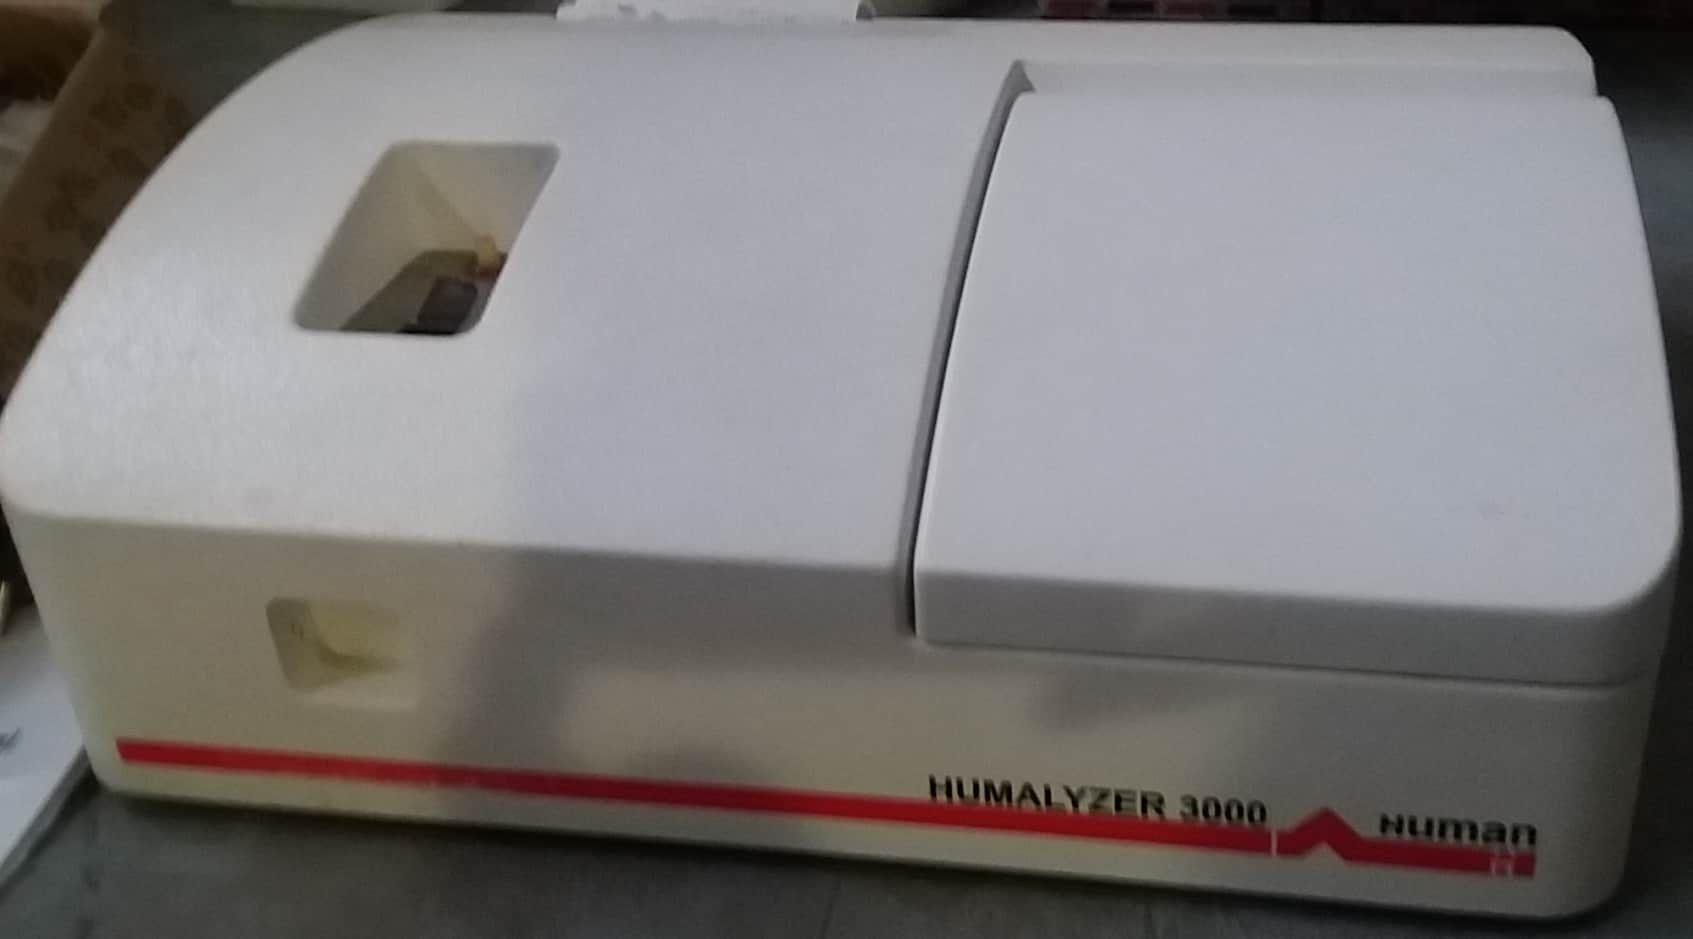 HUMALYZER 2000/3000